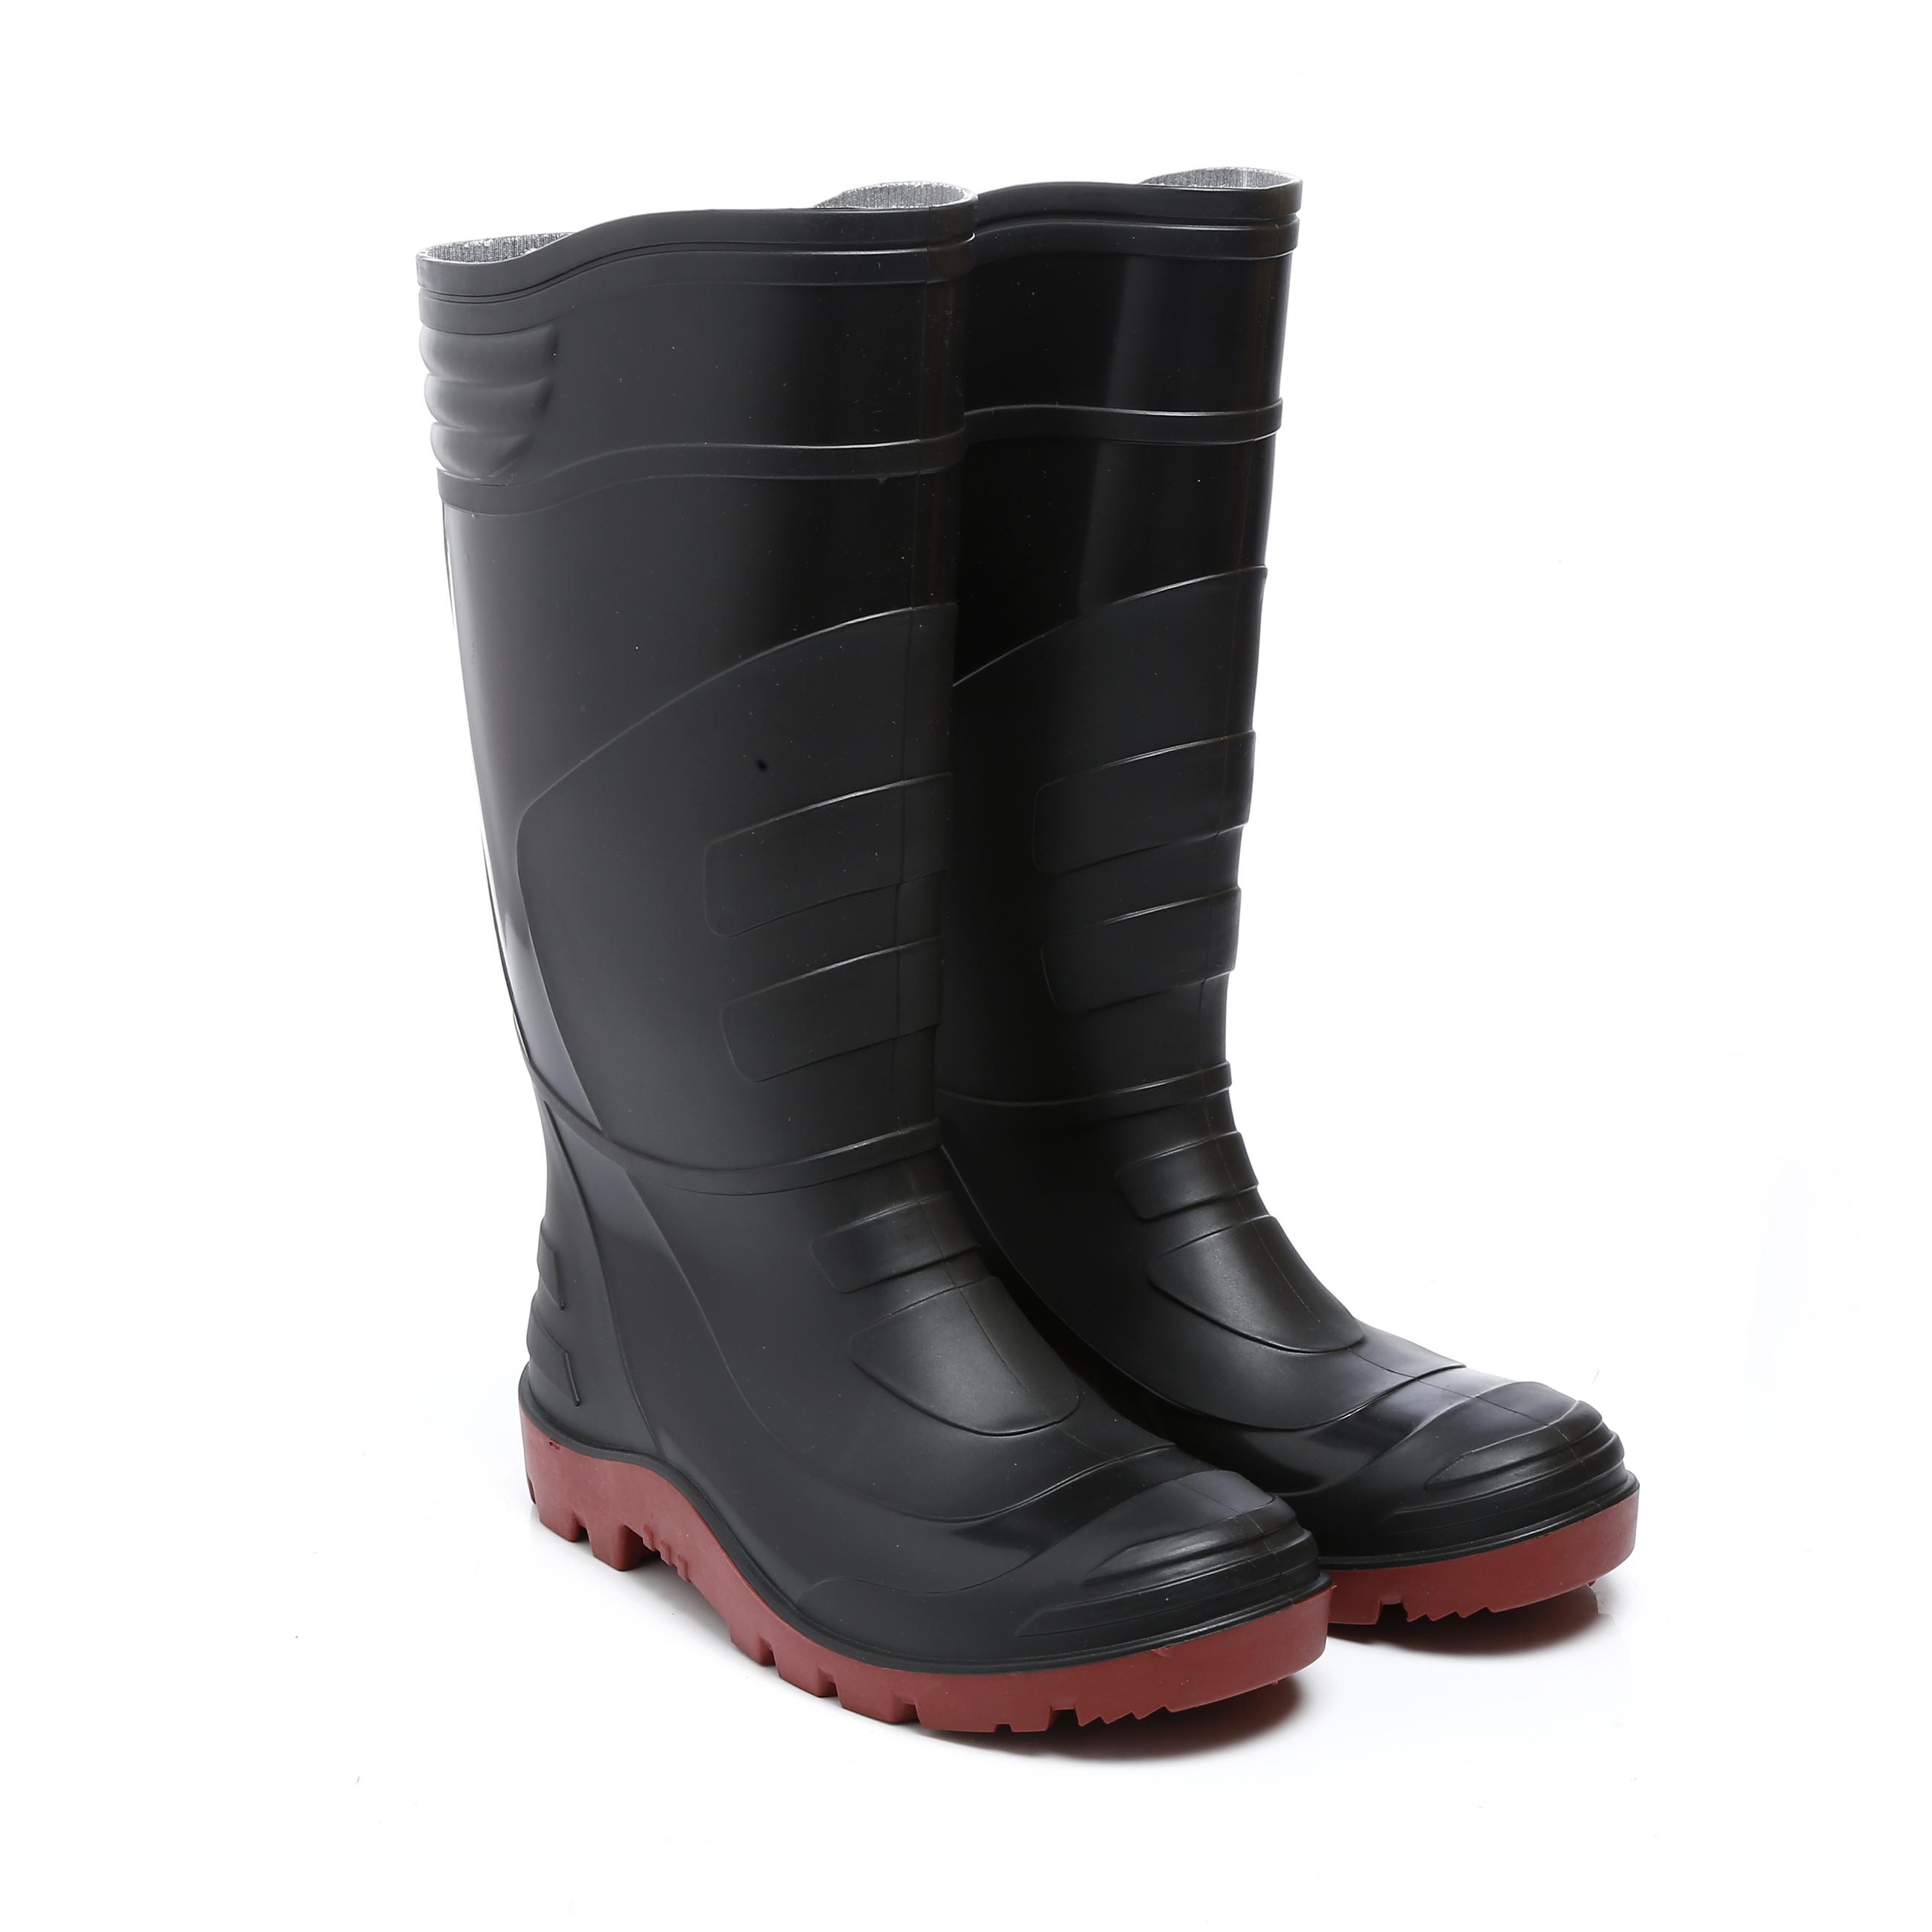 High Boots